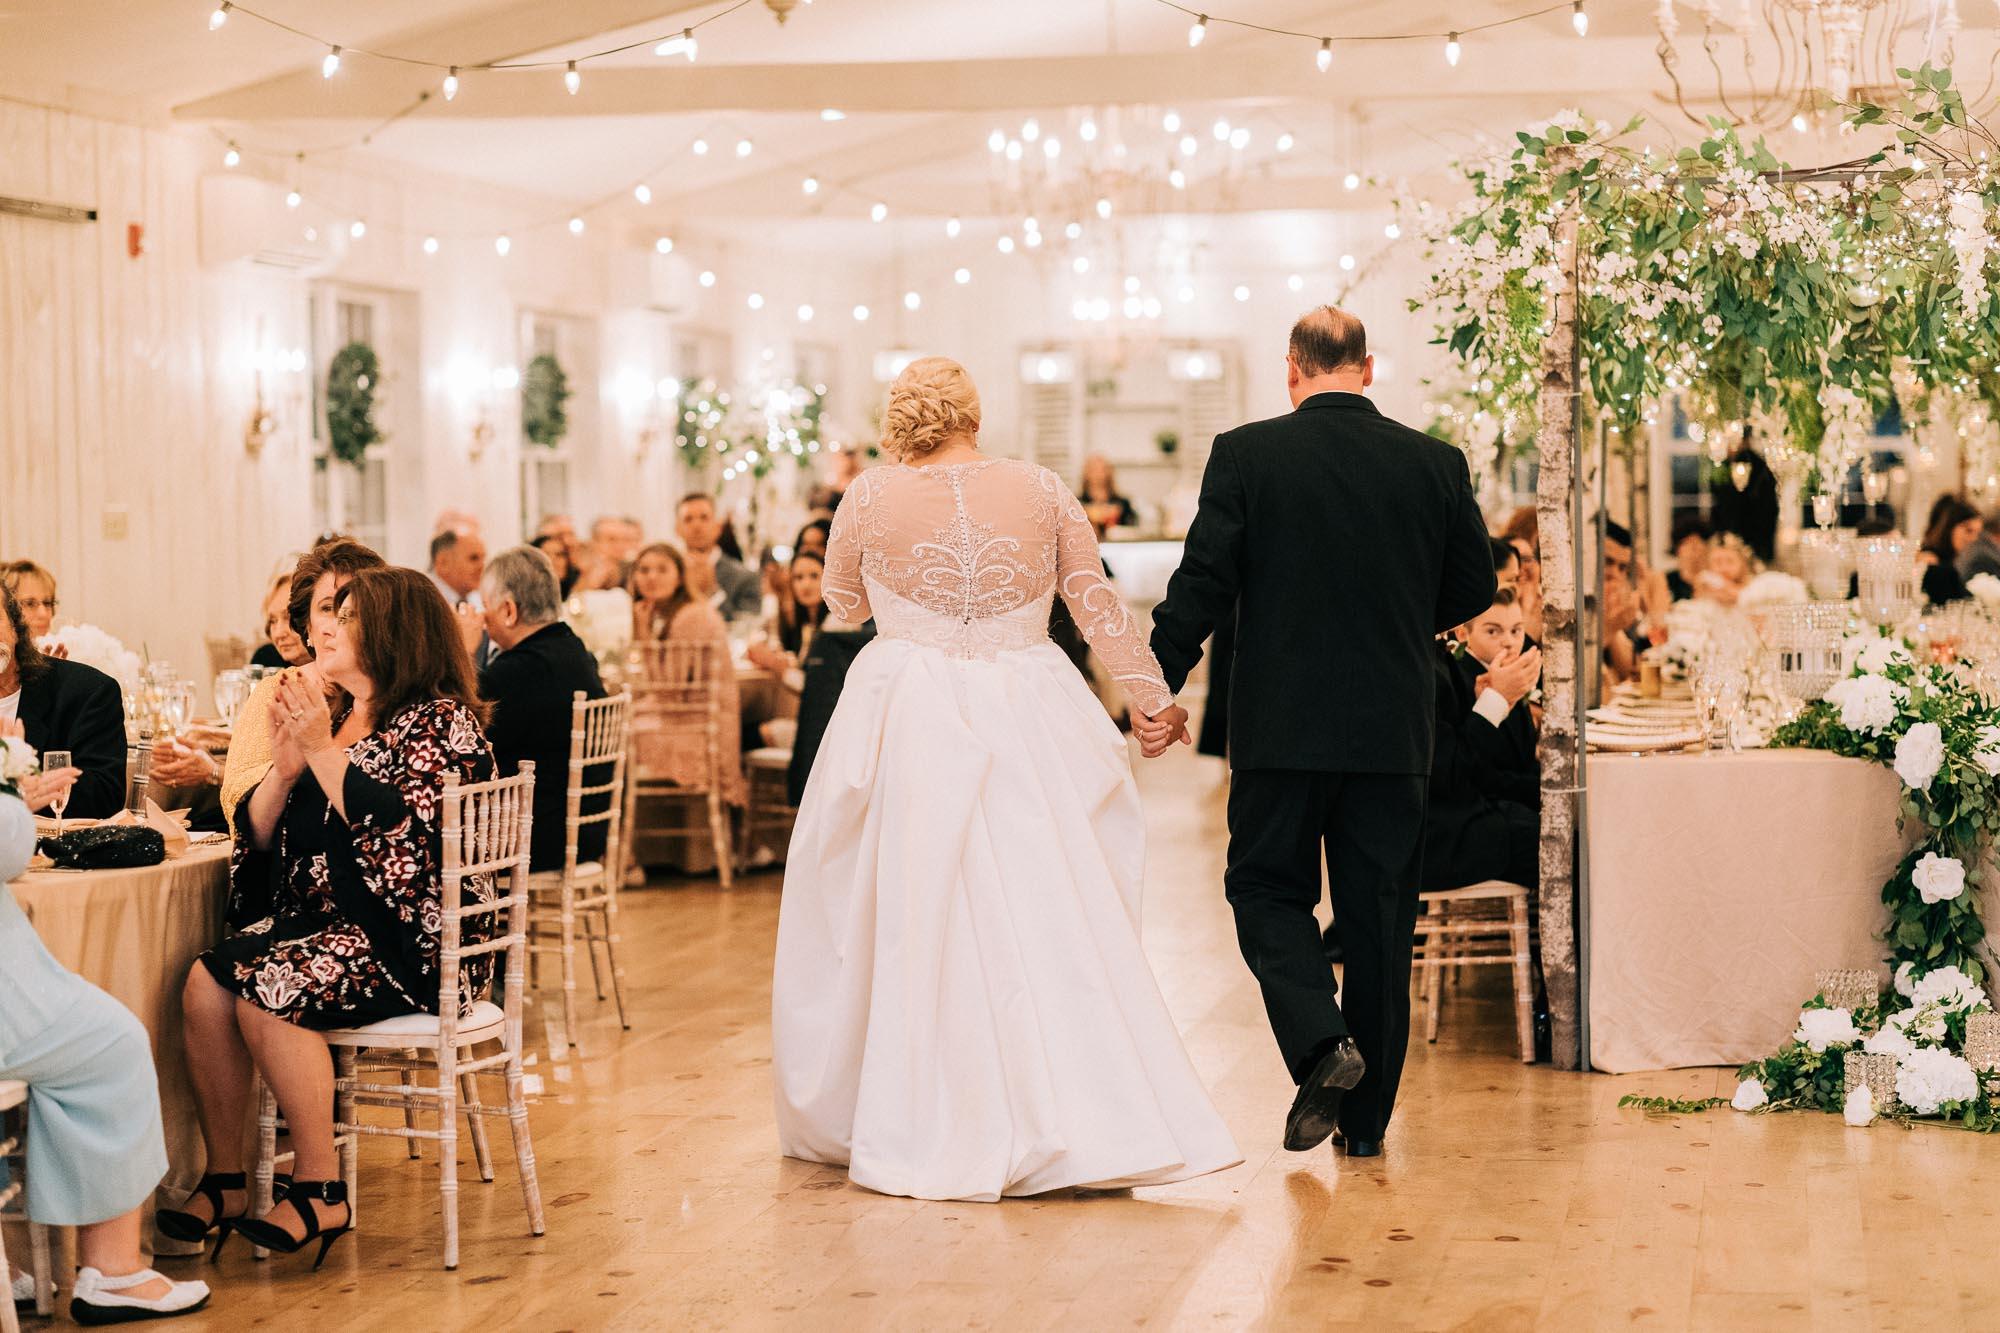 whitewoods-october-wedding-sk-4221.jpg